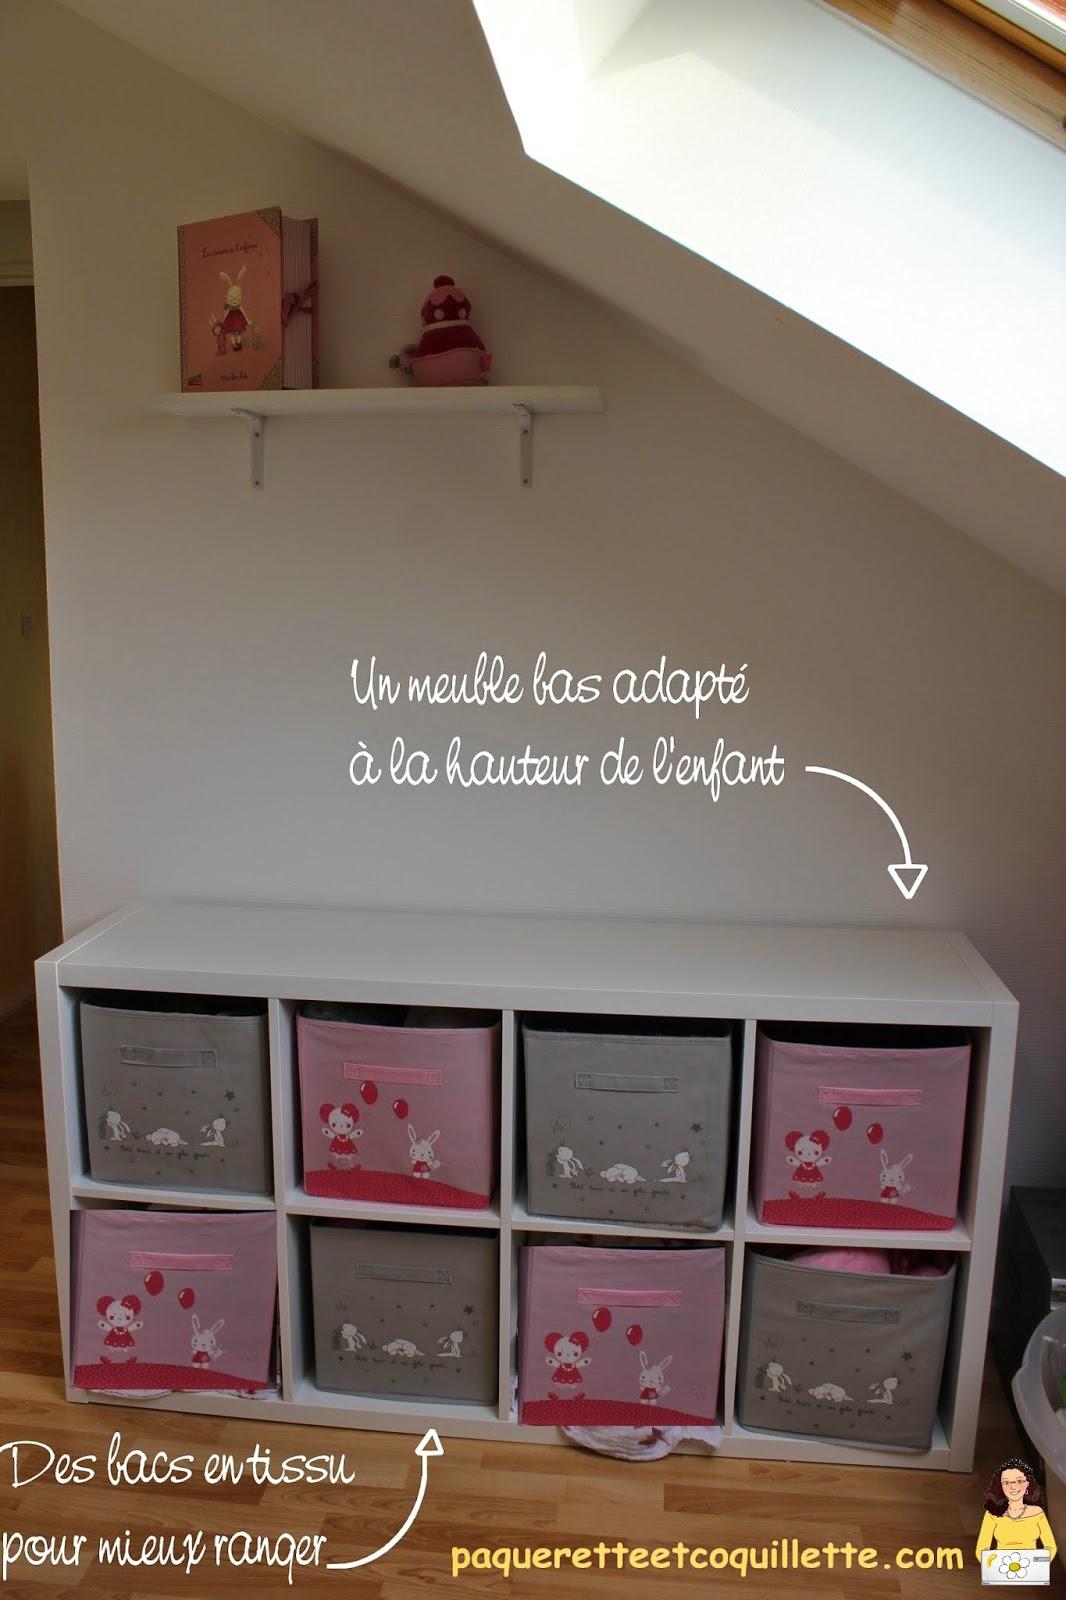 Paquerette et coquillette la chambre de coquillette fa on for Chambre montessori 6 ans